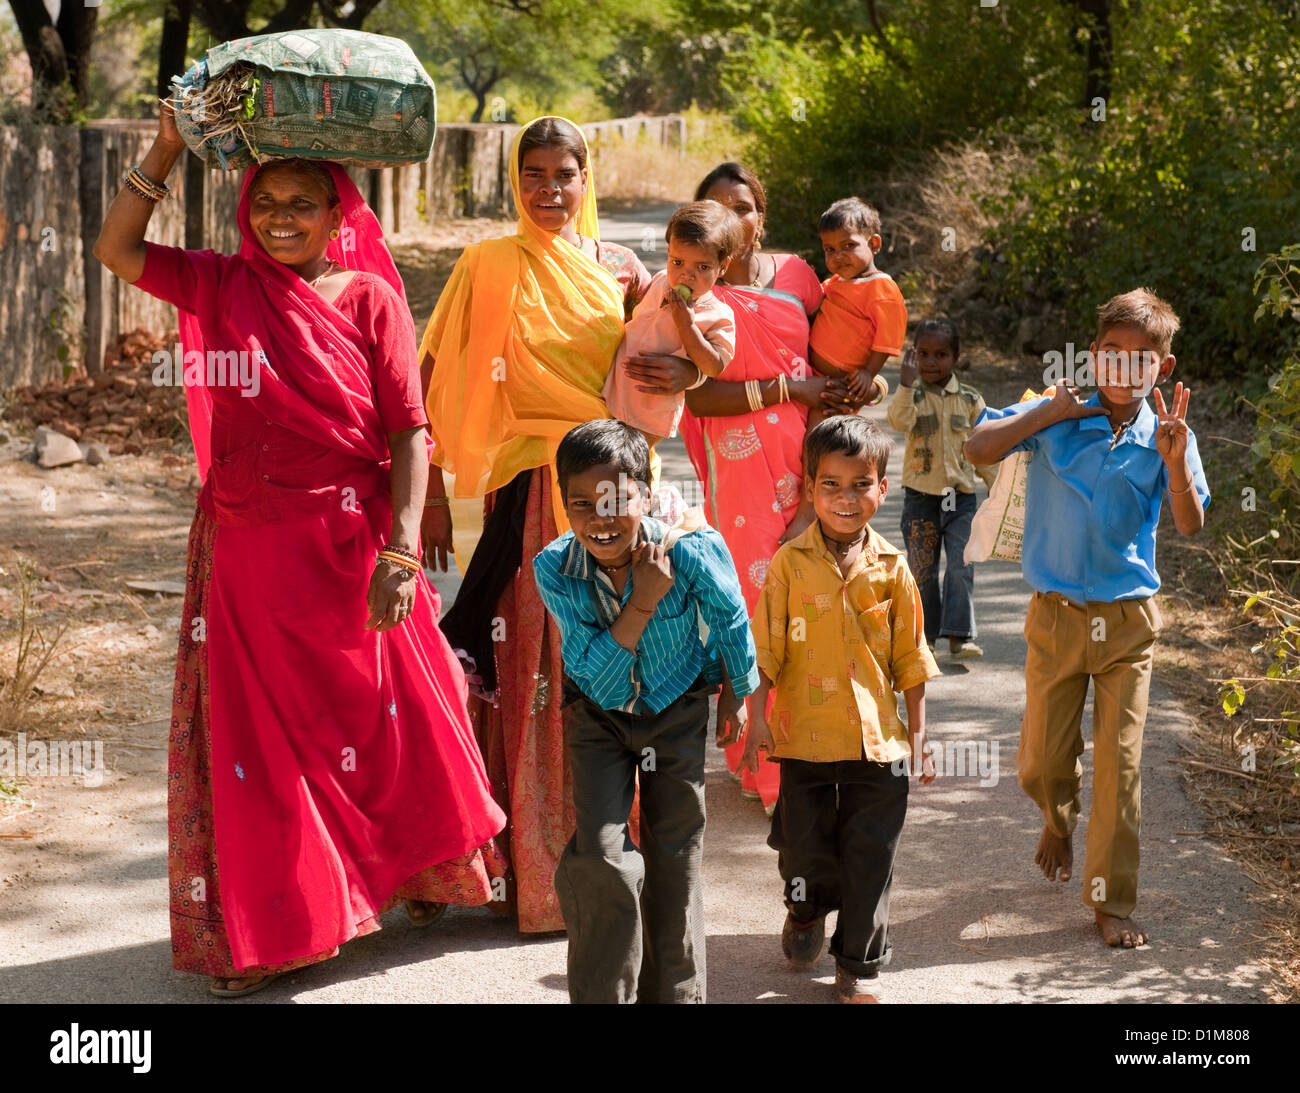 Un felice sorridente colorata famiglia indiana gruppo di donne ragazzi ragazze e un bambino di ritorno da shopping Immagini Stock